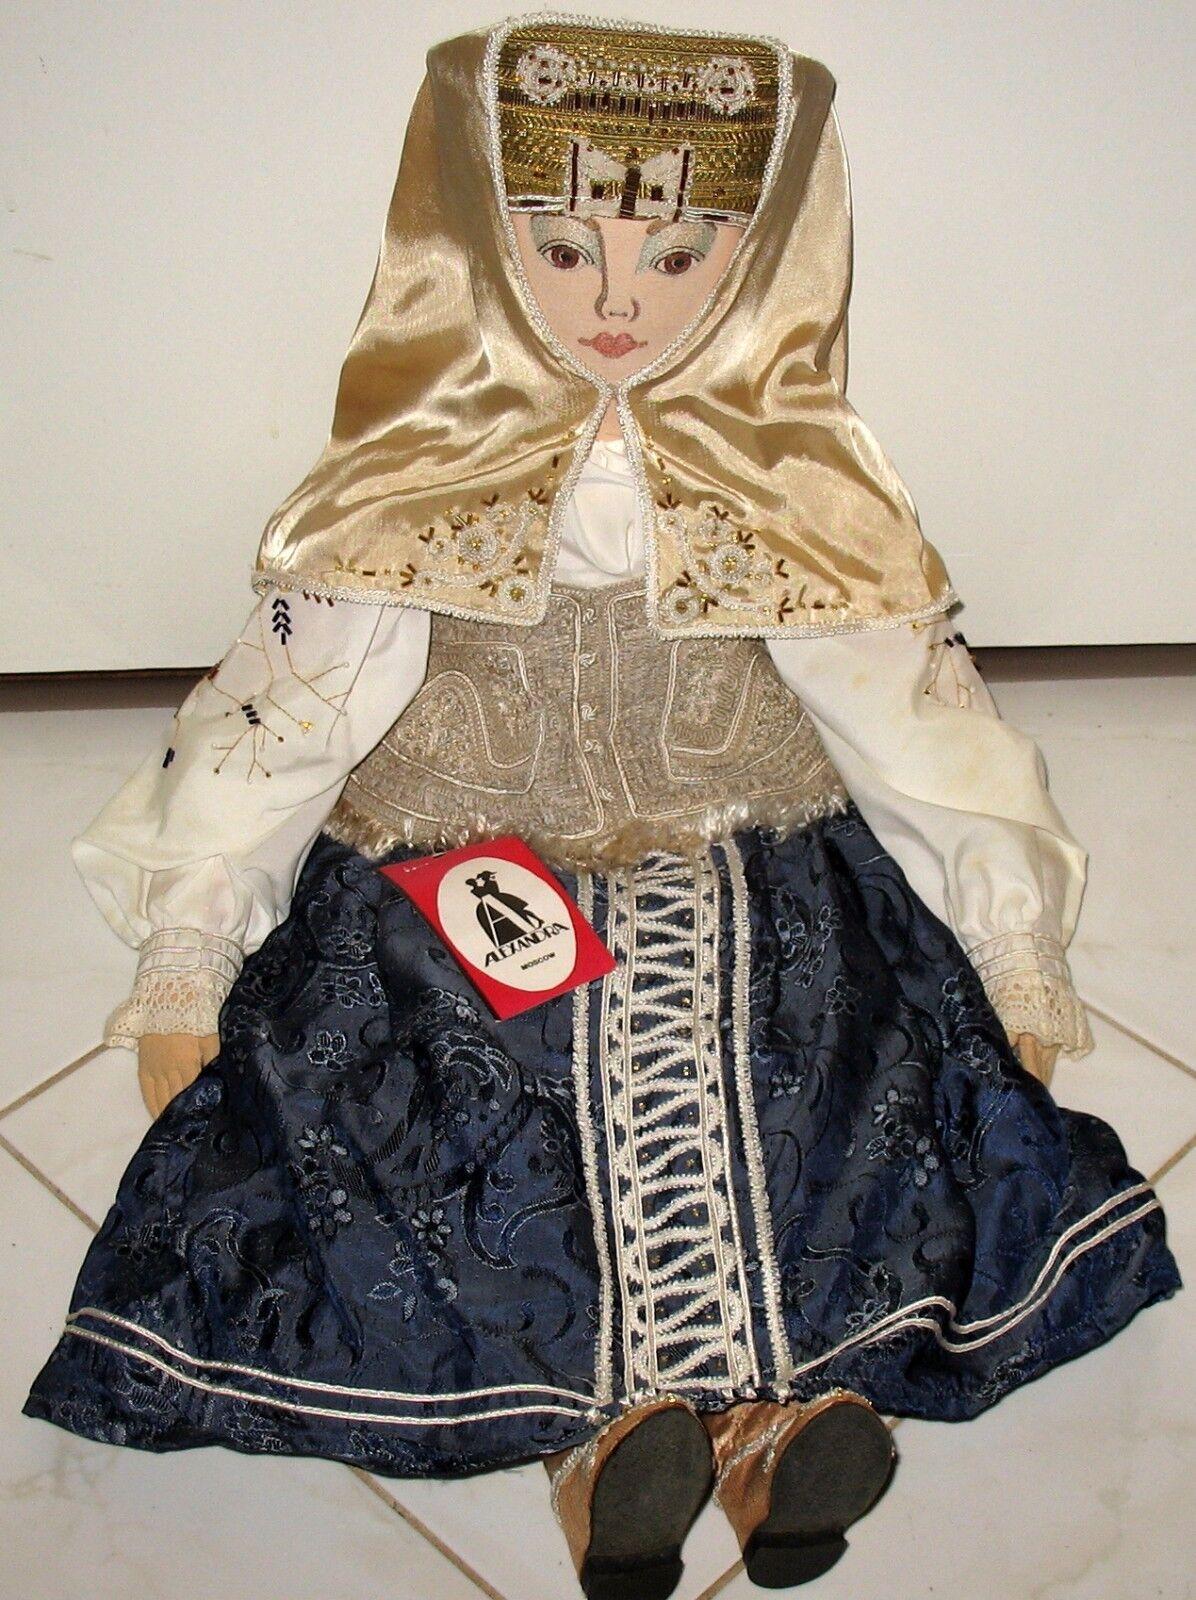 Nuevo Con Etiquetas-Alexandra-Moscú 29  hecho a mano decorado Muñeca de coleccionista